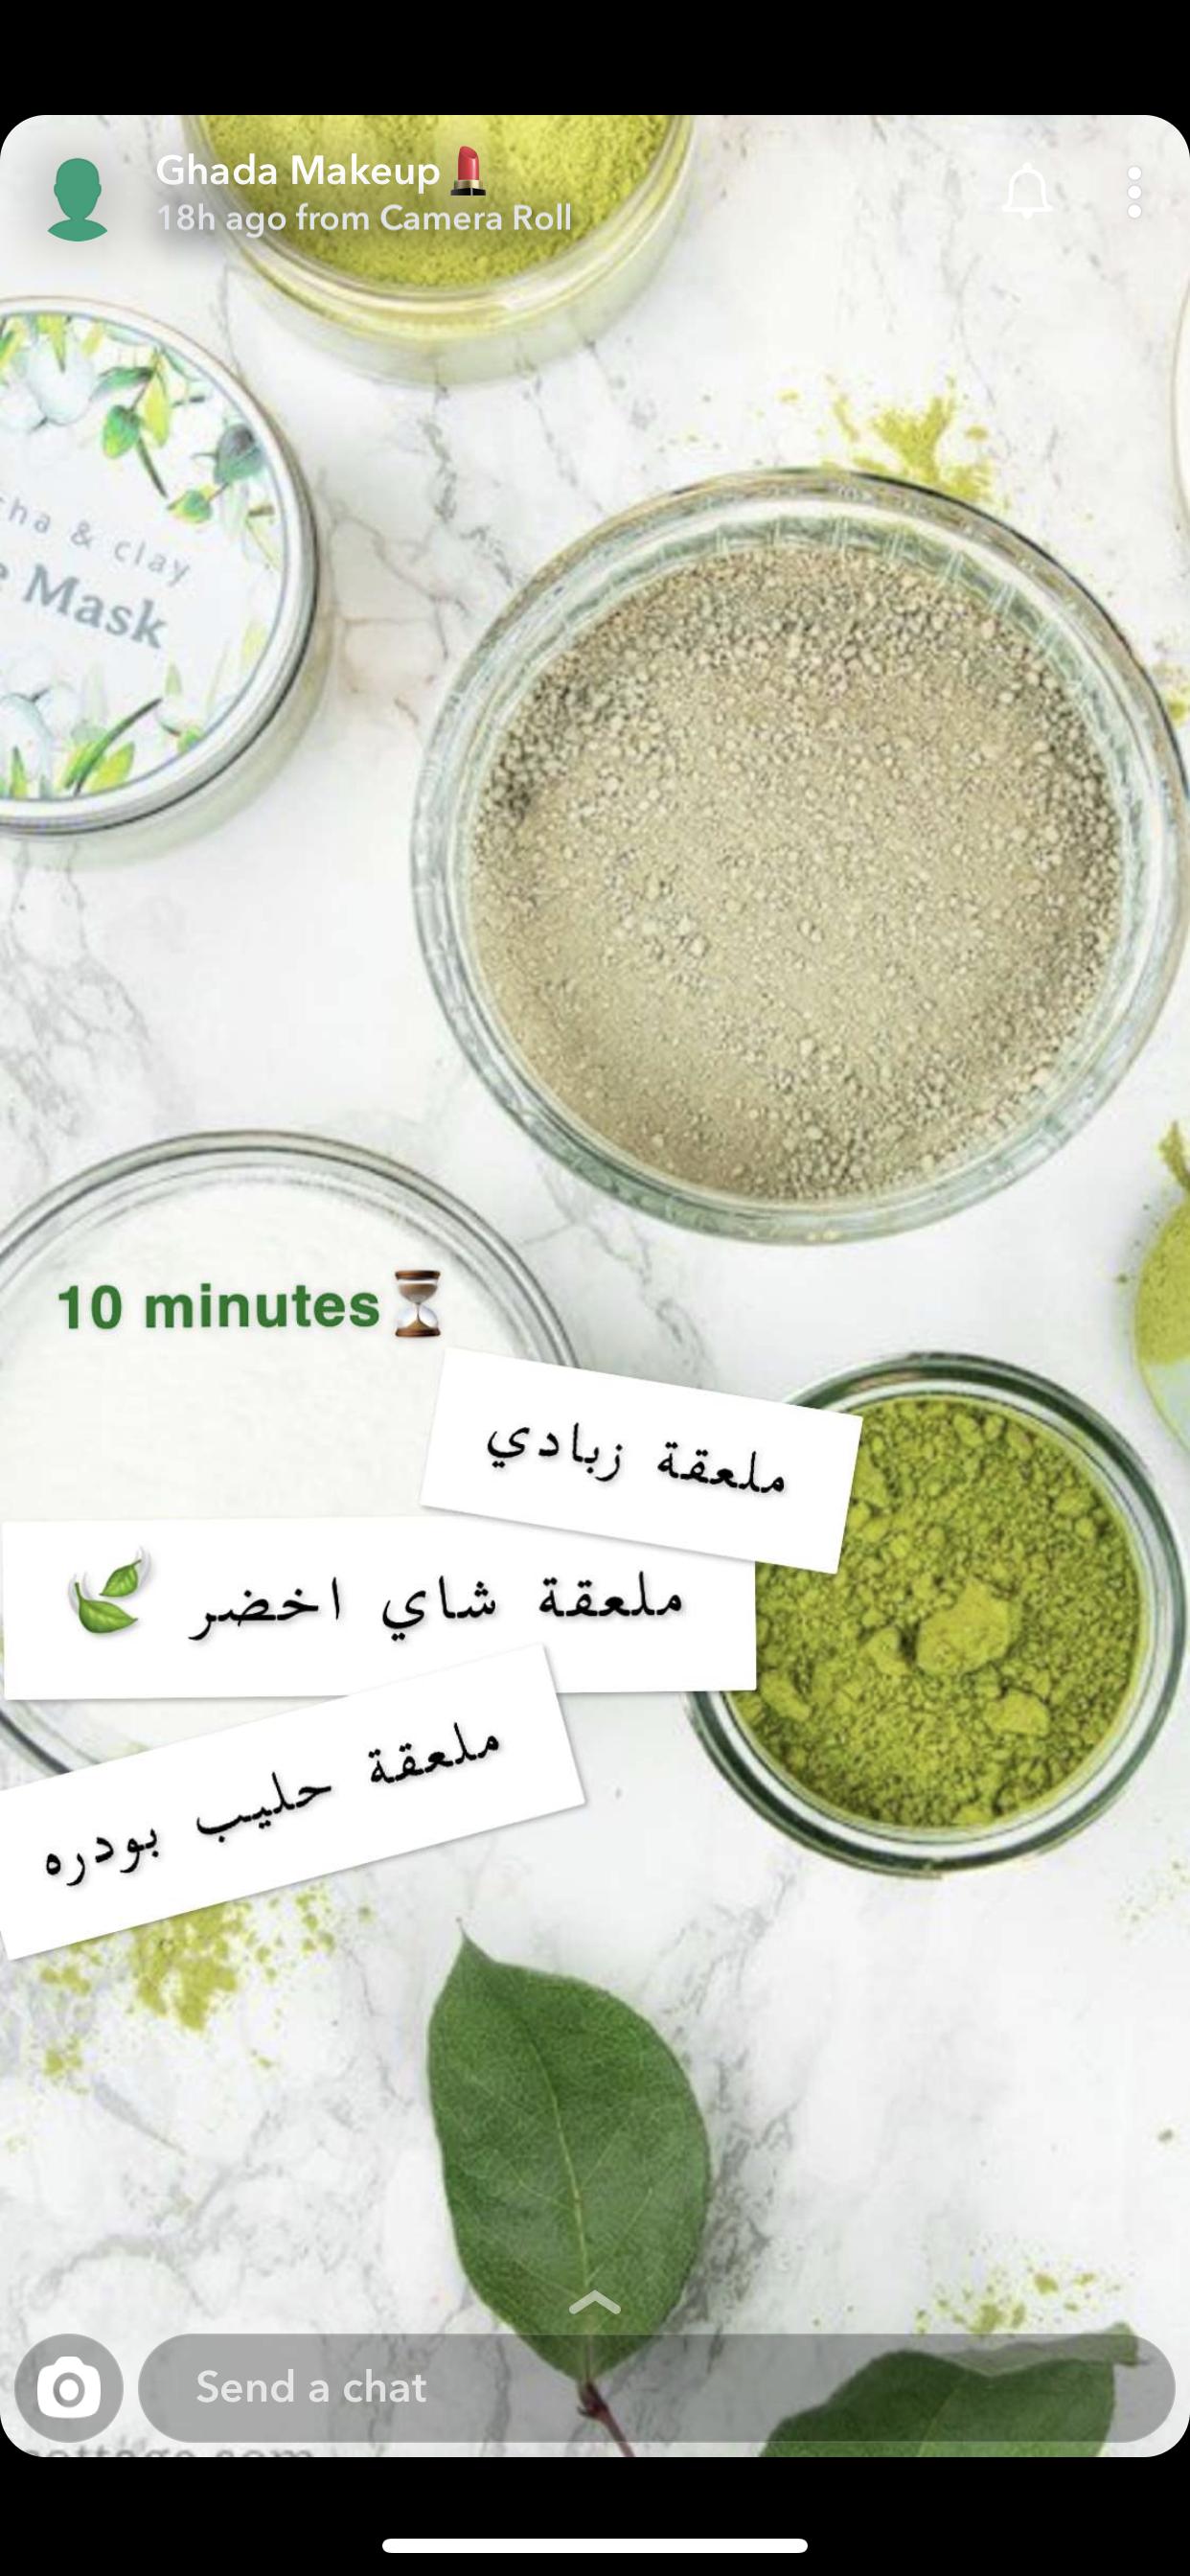 كريمات تفتيح المناطق الحساسة من الصيدليه افضل 5 انواع في الدول العربية Creams For Lightening Sensi Beauty Skin Care Routine Cream Skin Care Routine